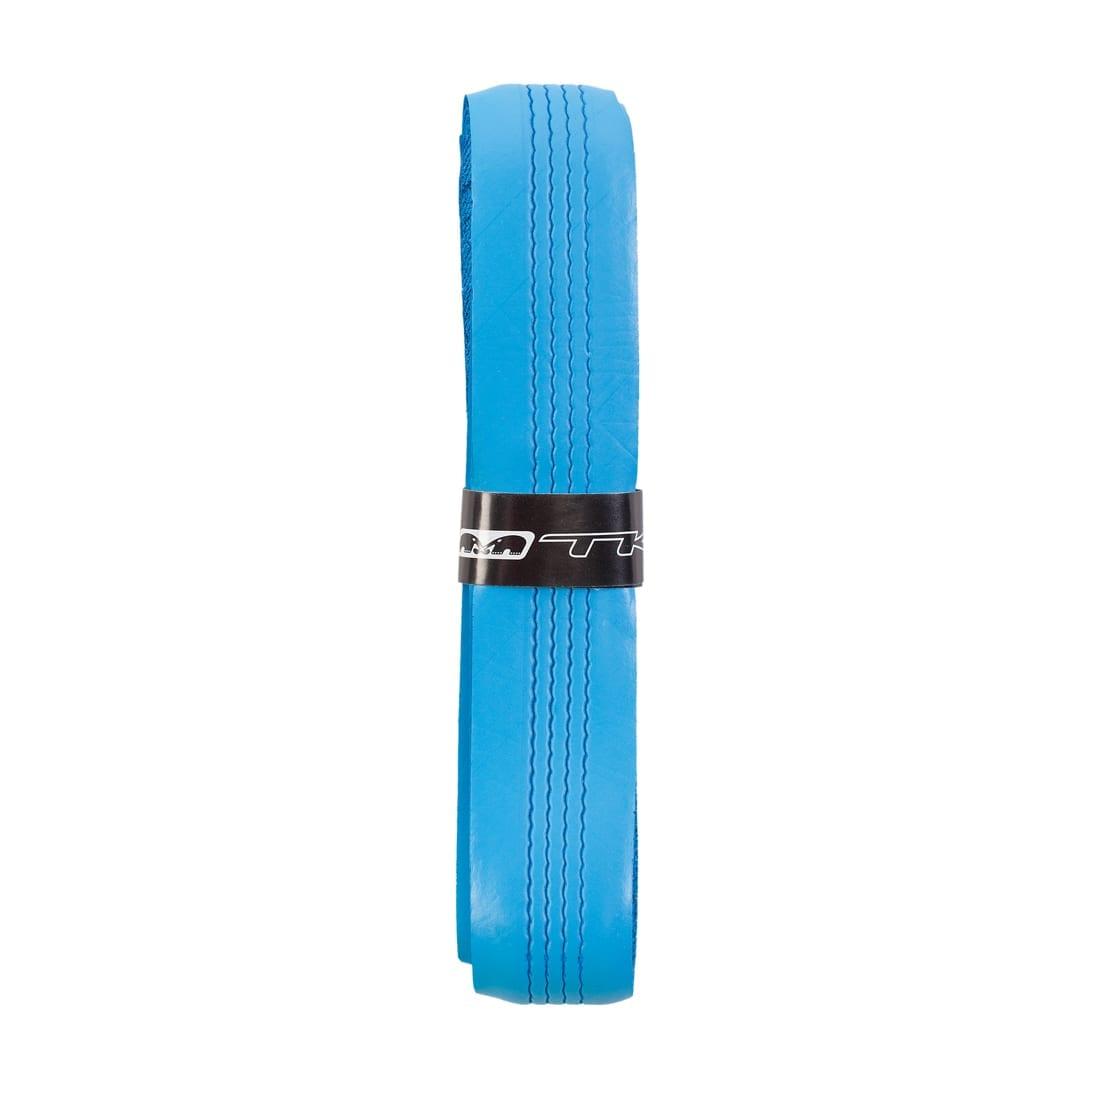 HO611-blue